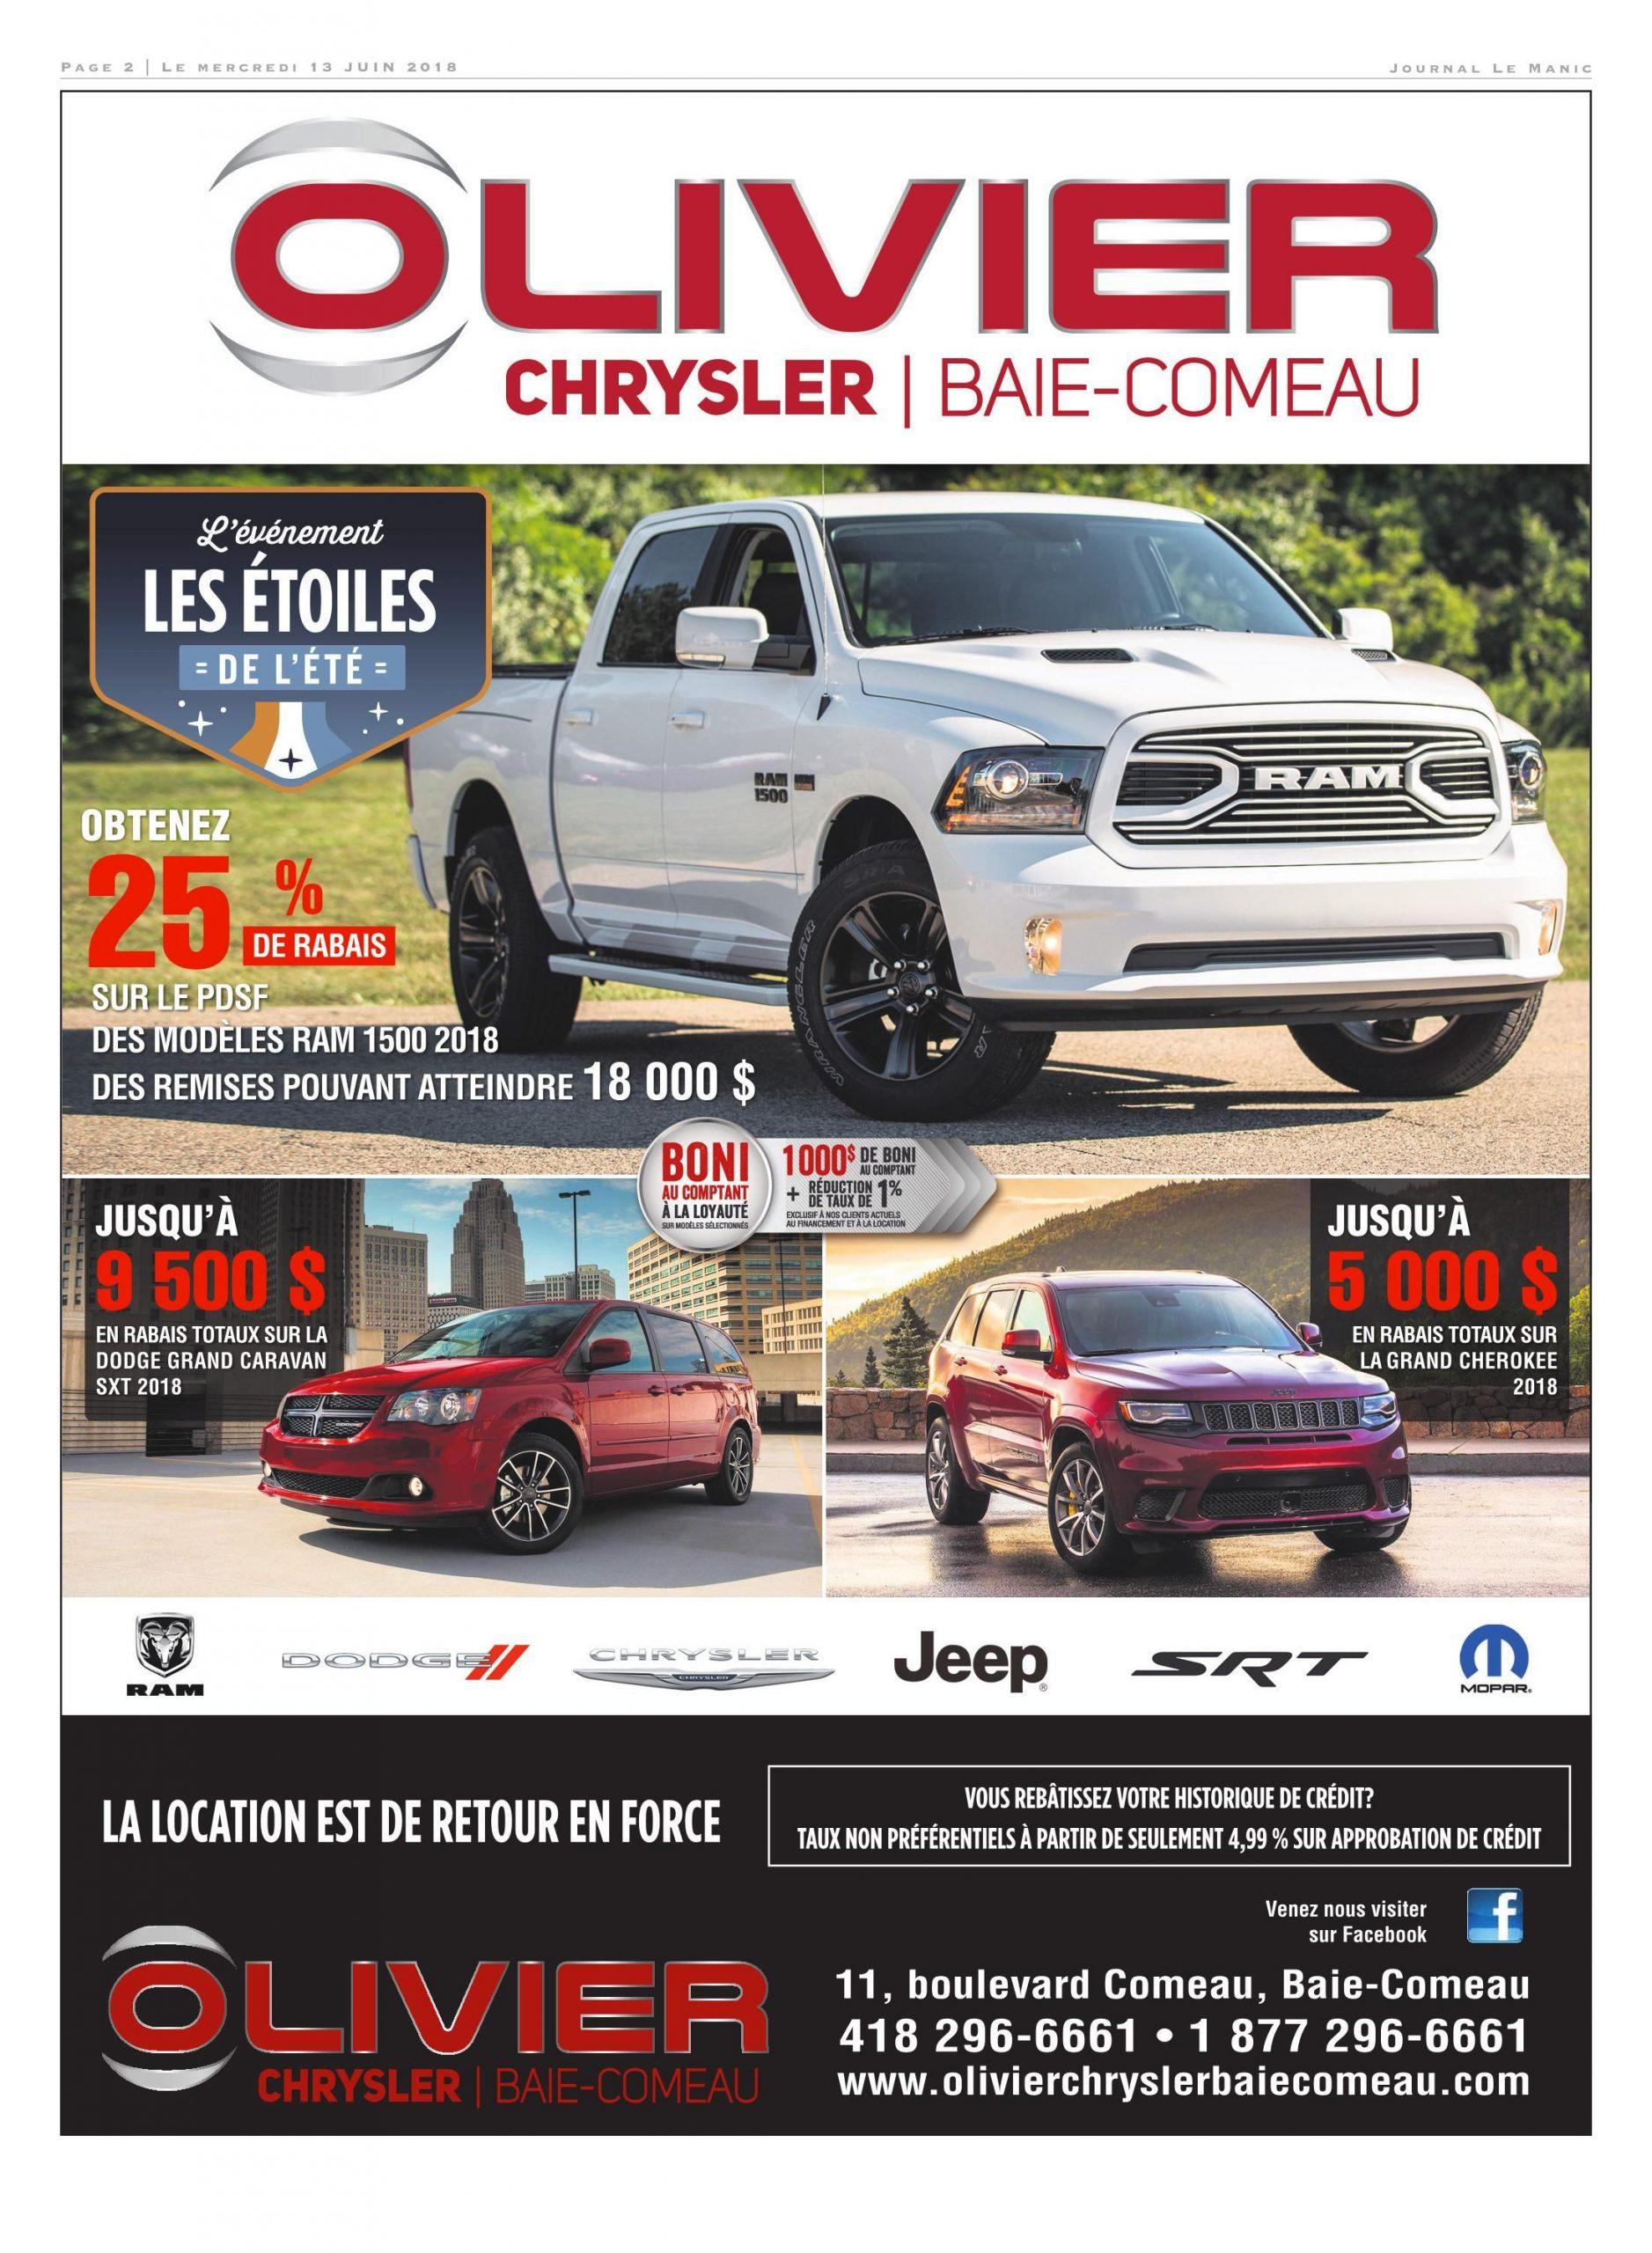 Le Manic 13 Juin 2018 Pages 1 - 48 - Text Version   Fliphtml5 destiné Piscine Autoportée Leclerc